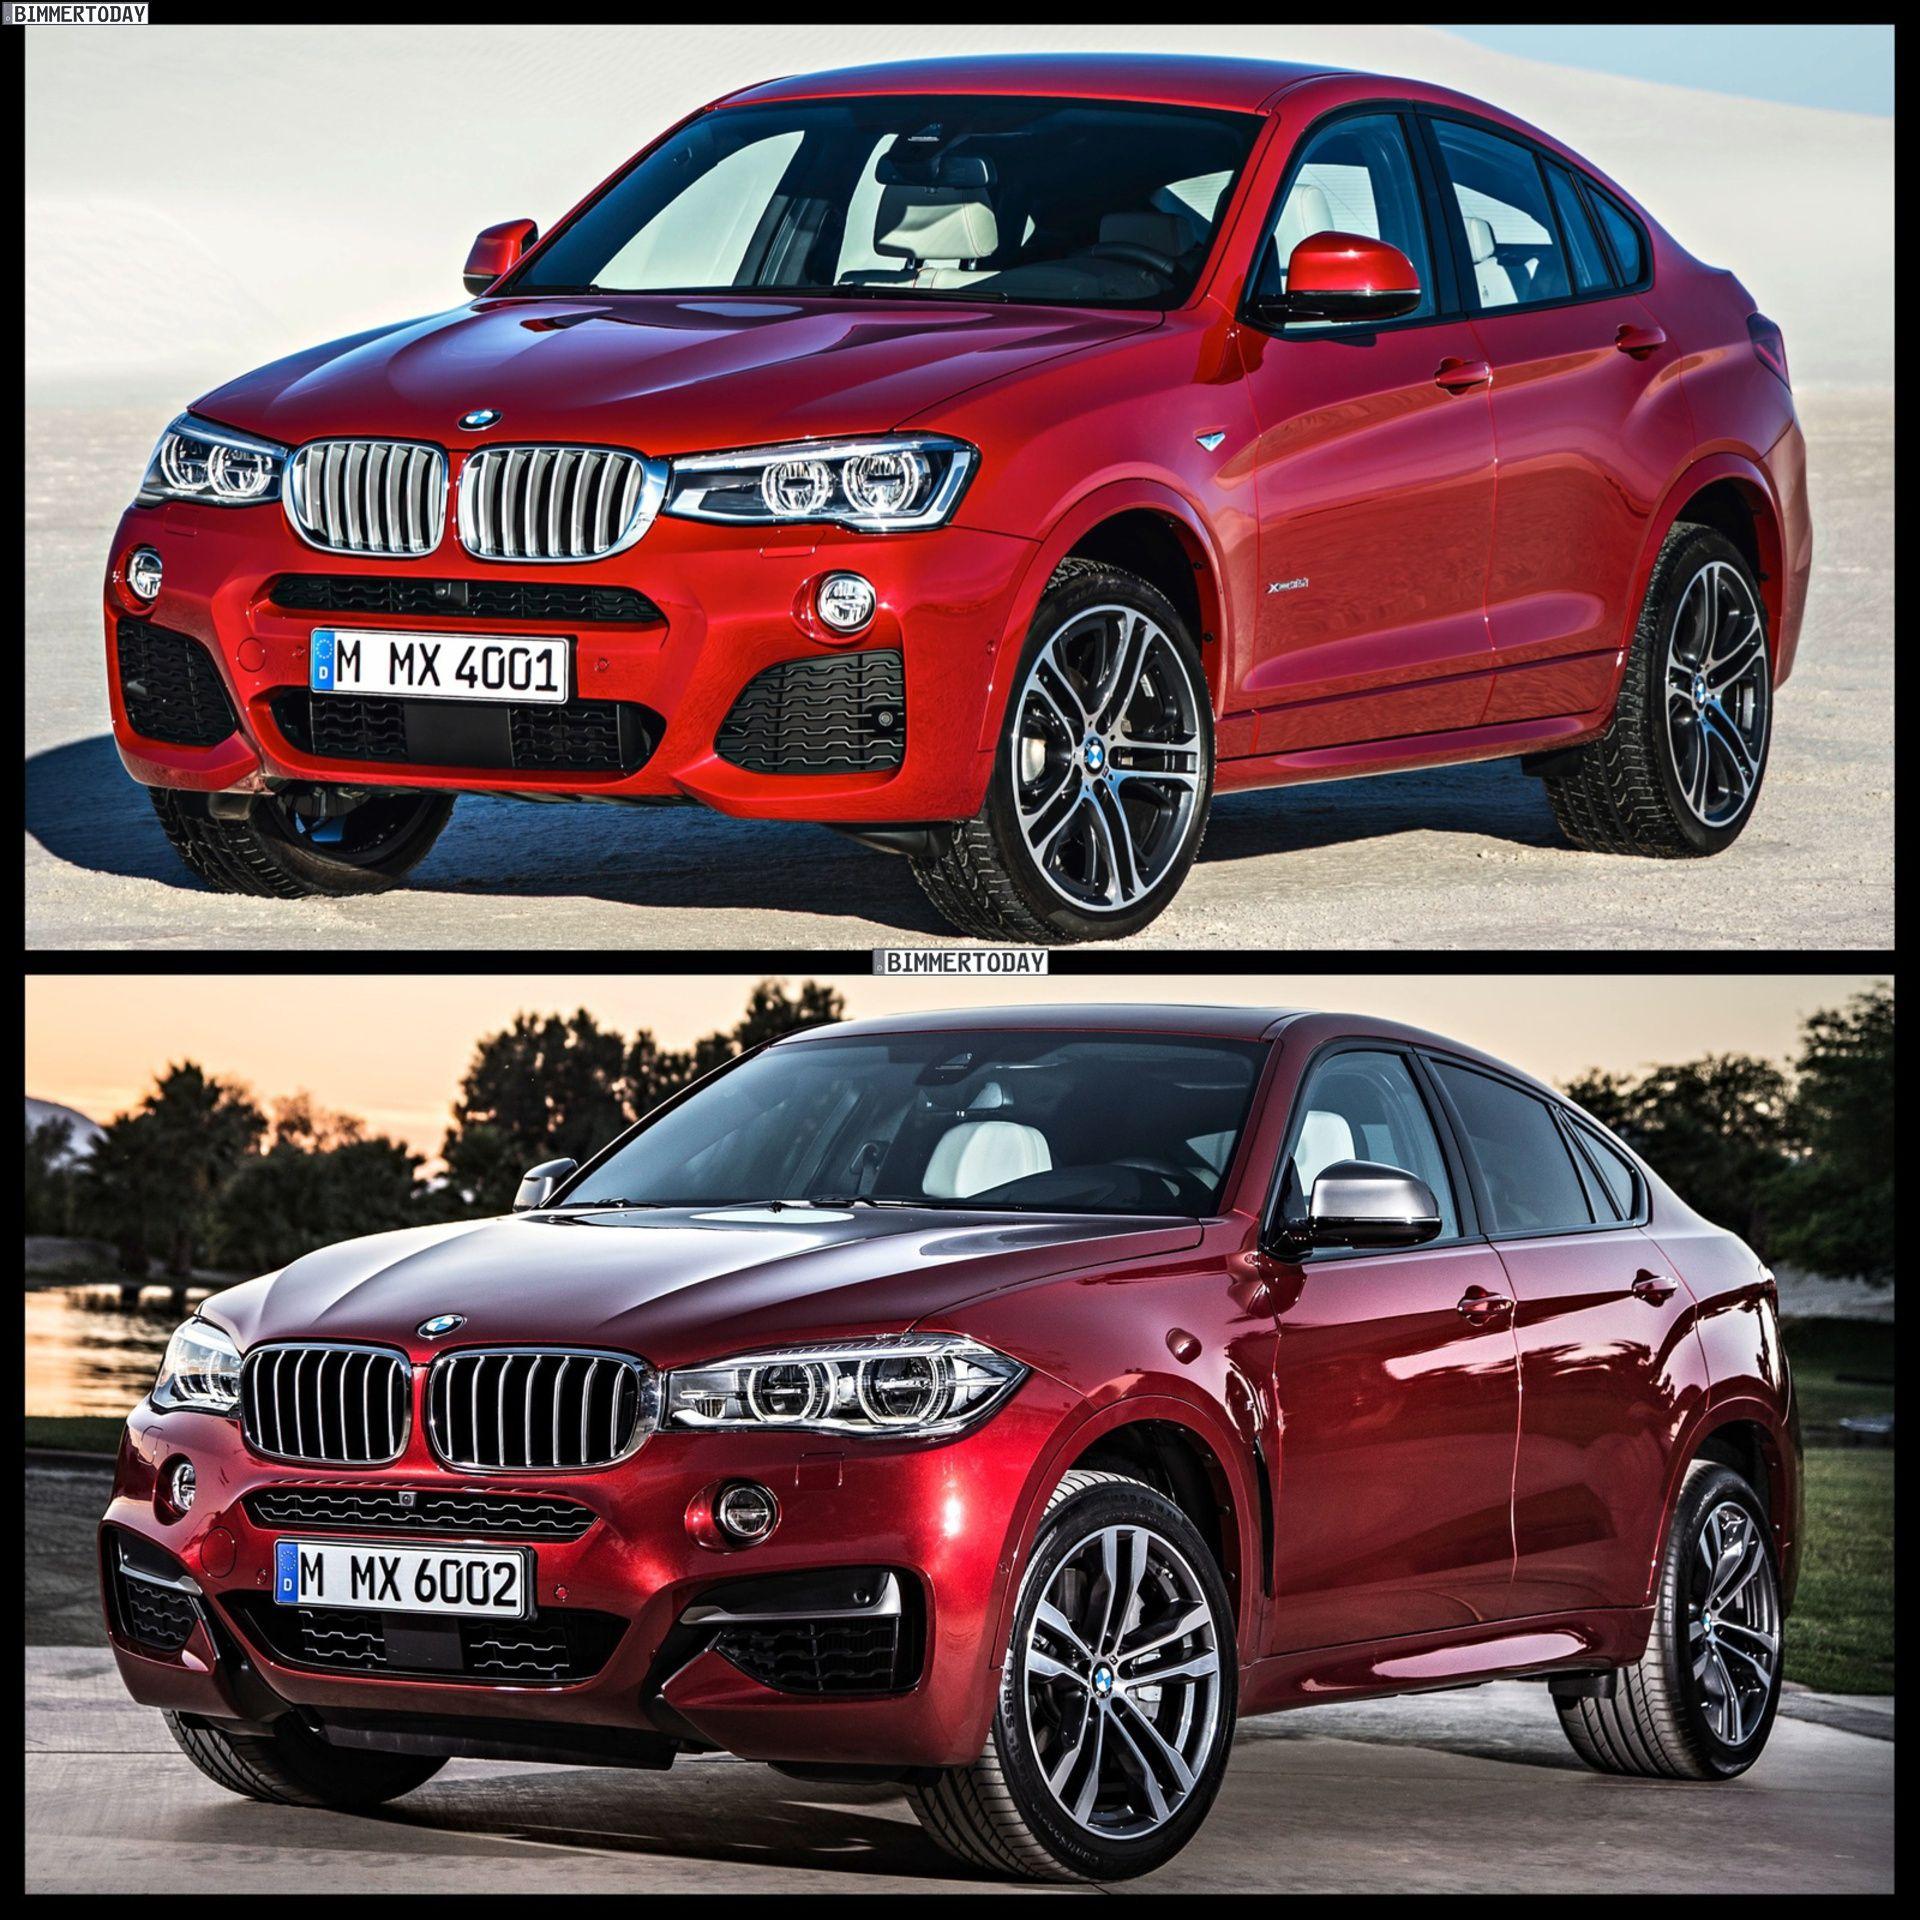 Bmw X6 Tuning: 2015 BMW X4 Vs 2015 BMW X6